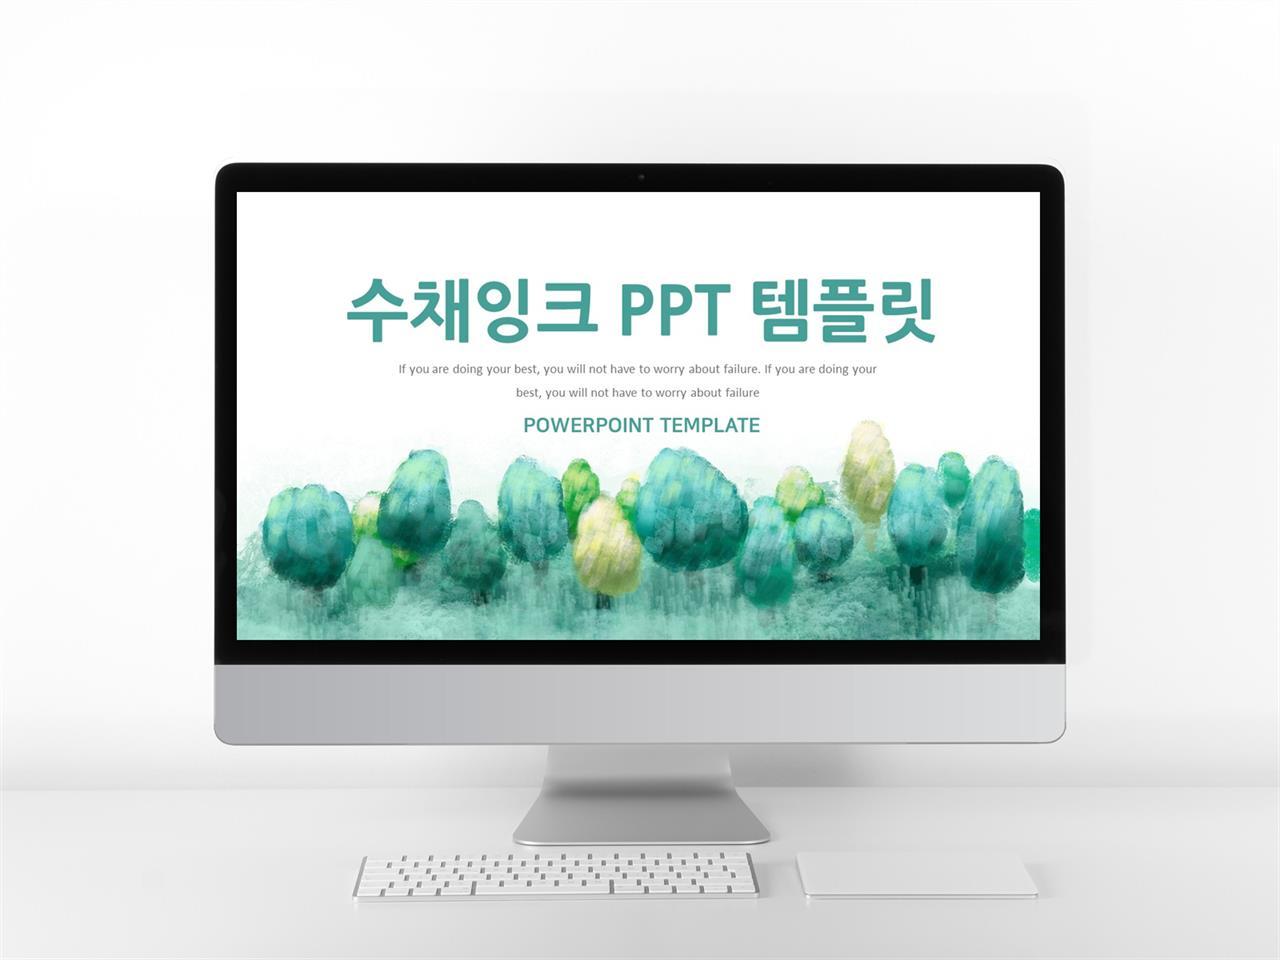 화초, 동식물 그린색 수채화 프레젠테이션 POWERPOINT서식 만들기 미리보기